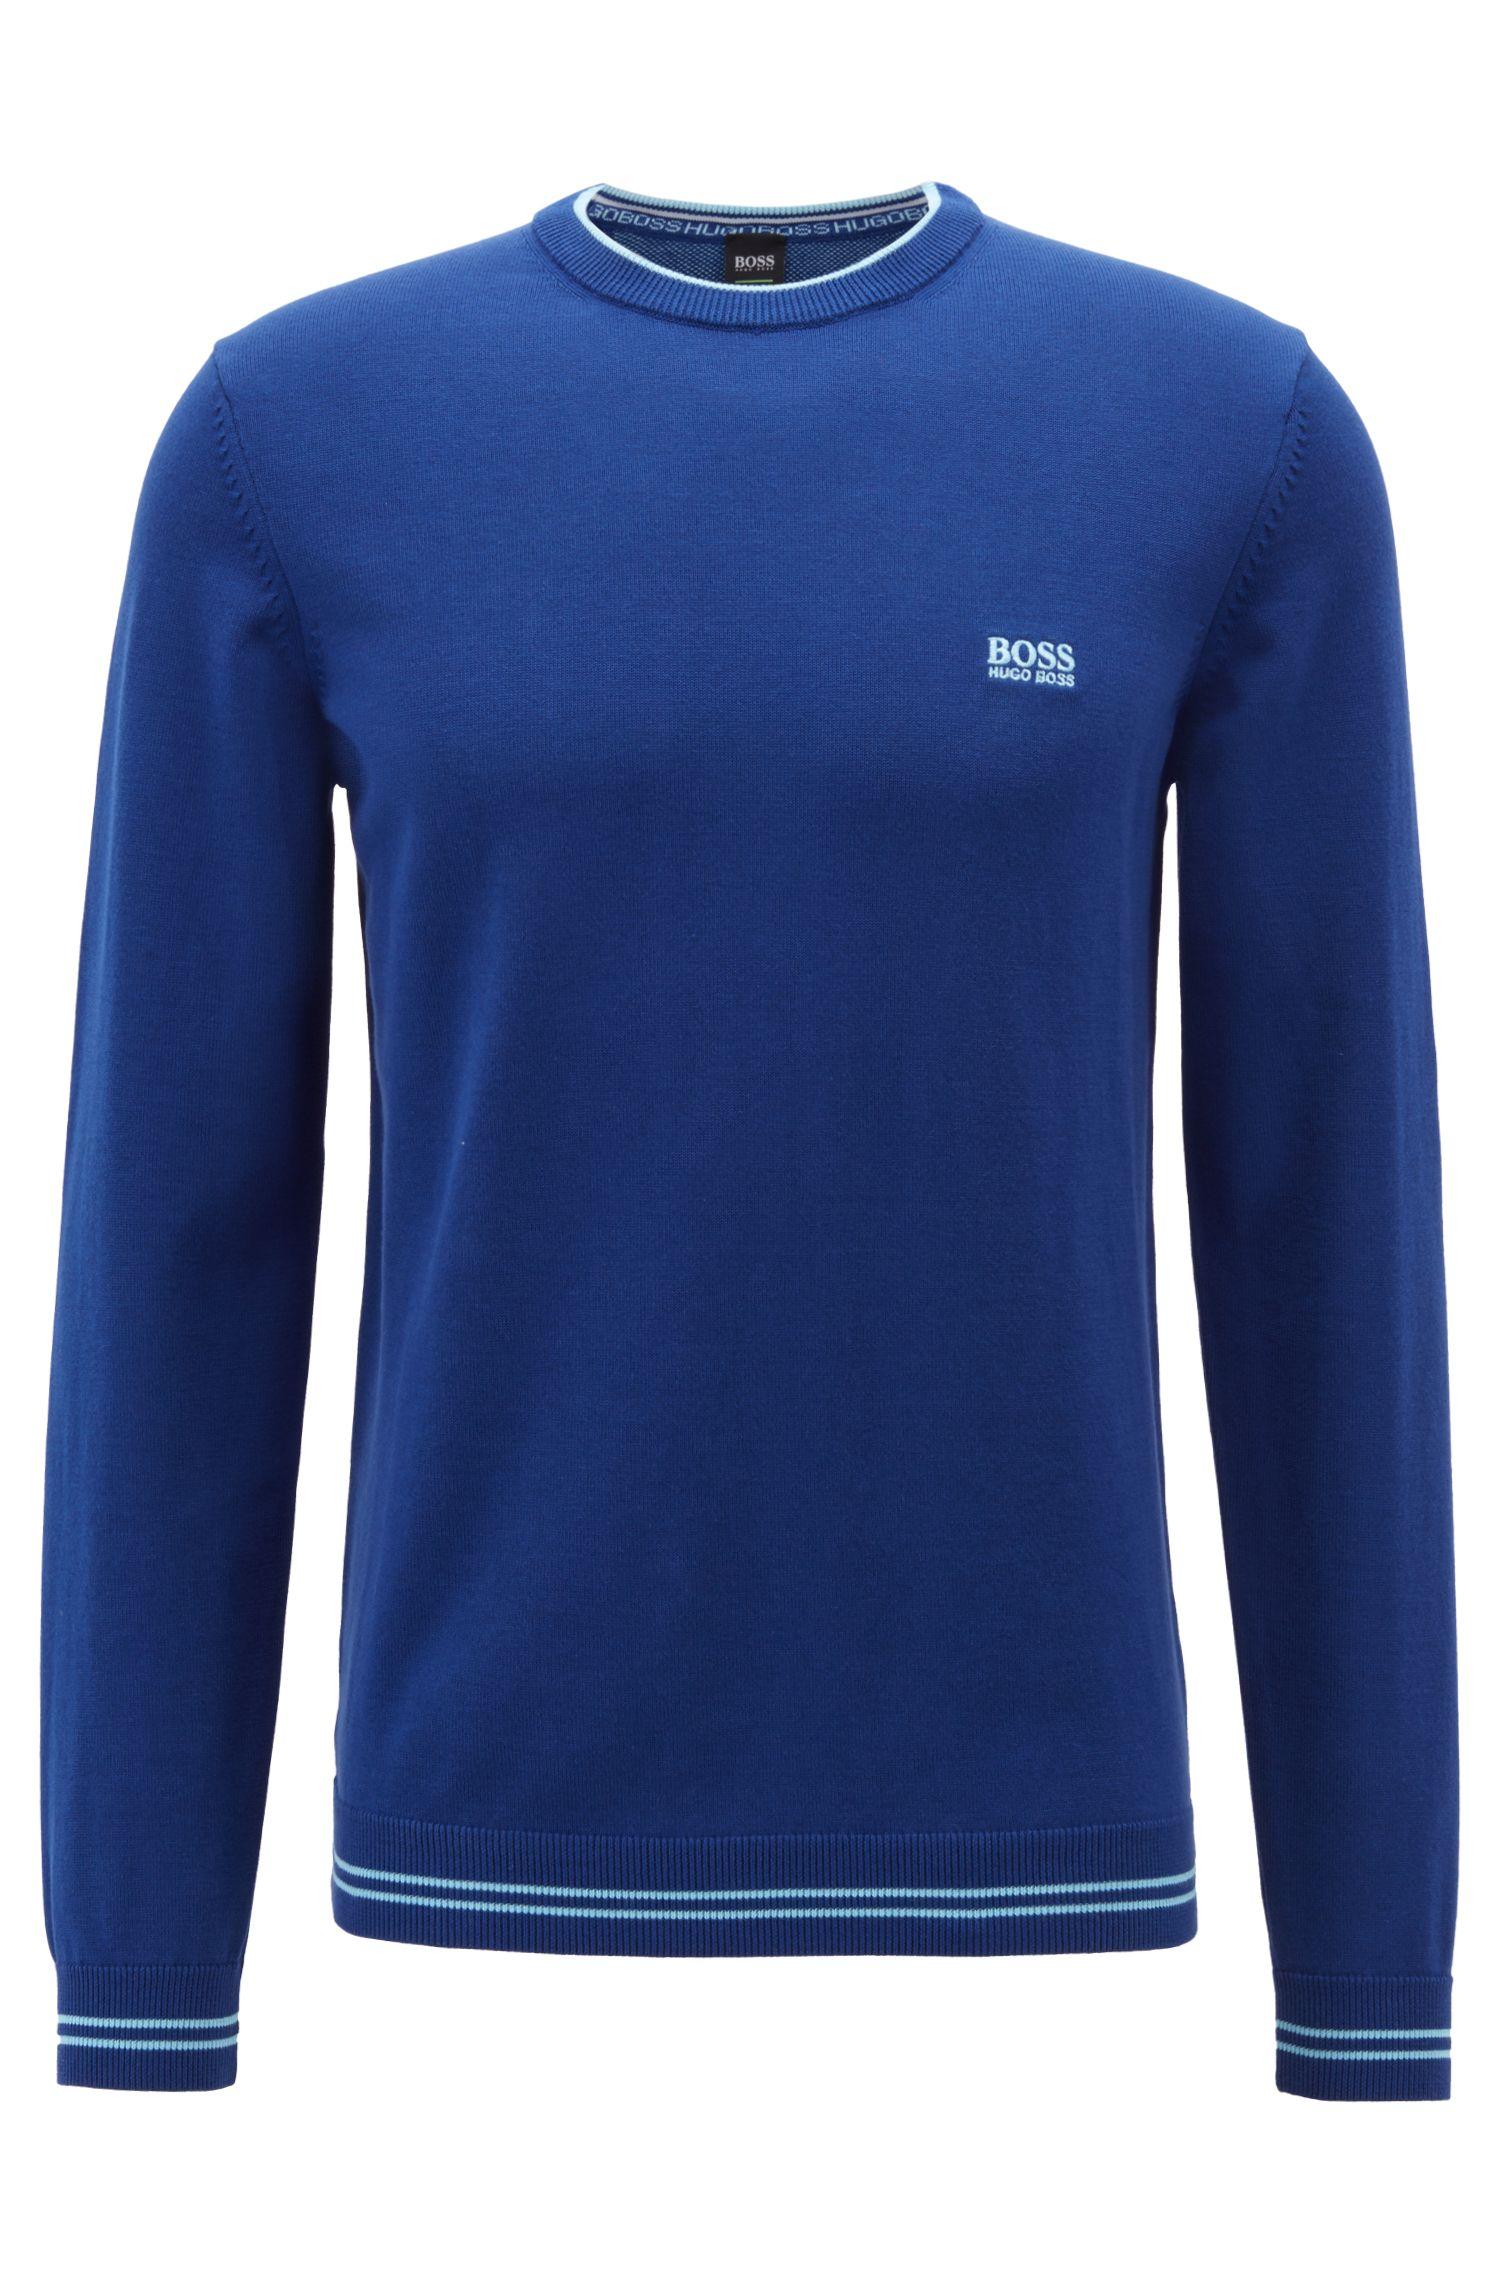 Strickpullover aus Baumwoll-Mix mit kontrastfarbener Einfassung und Logo-Intarsien, Blau